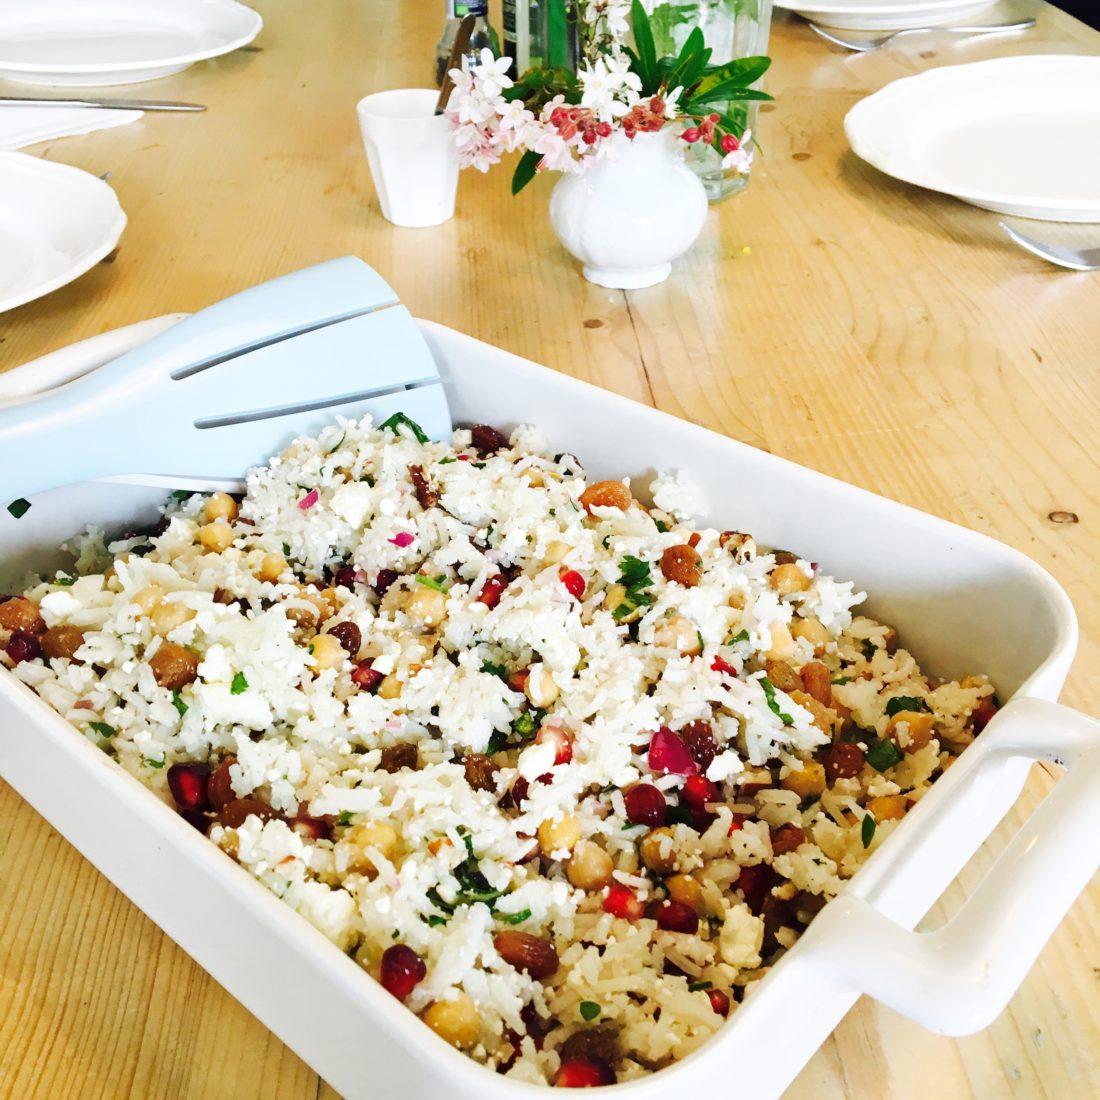 aardappelsalade-hanneke-megens